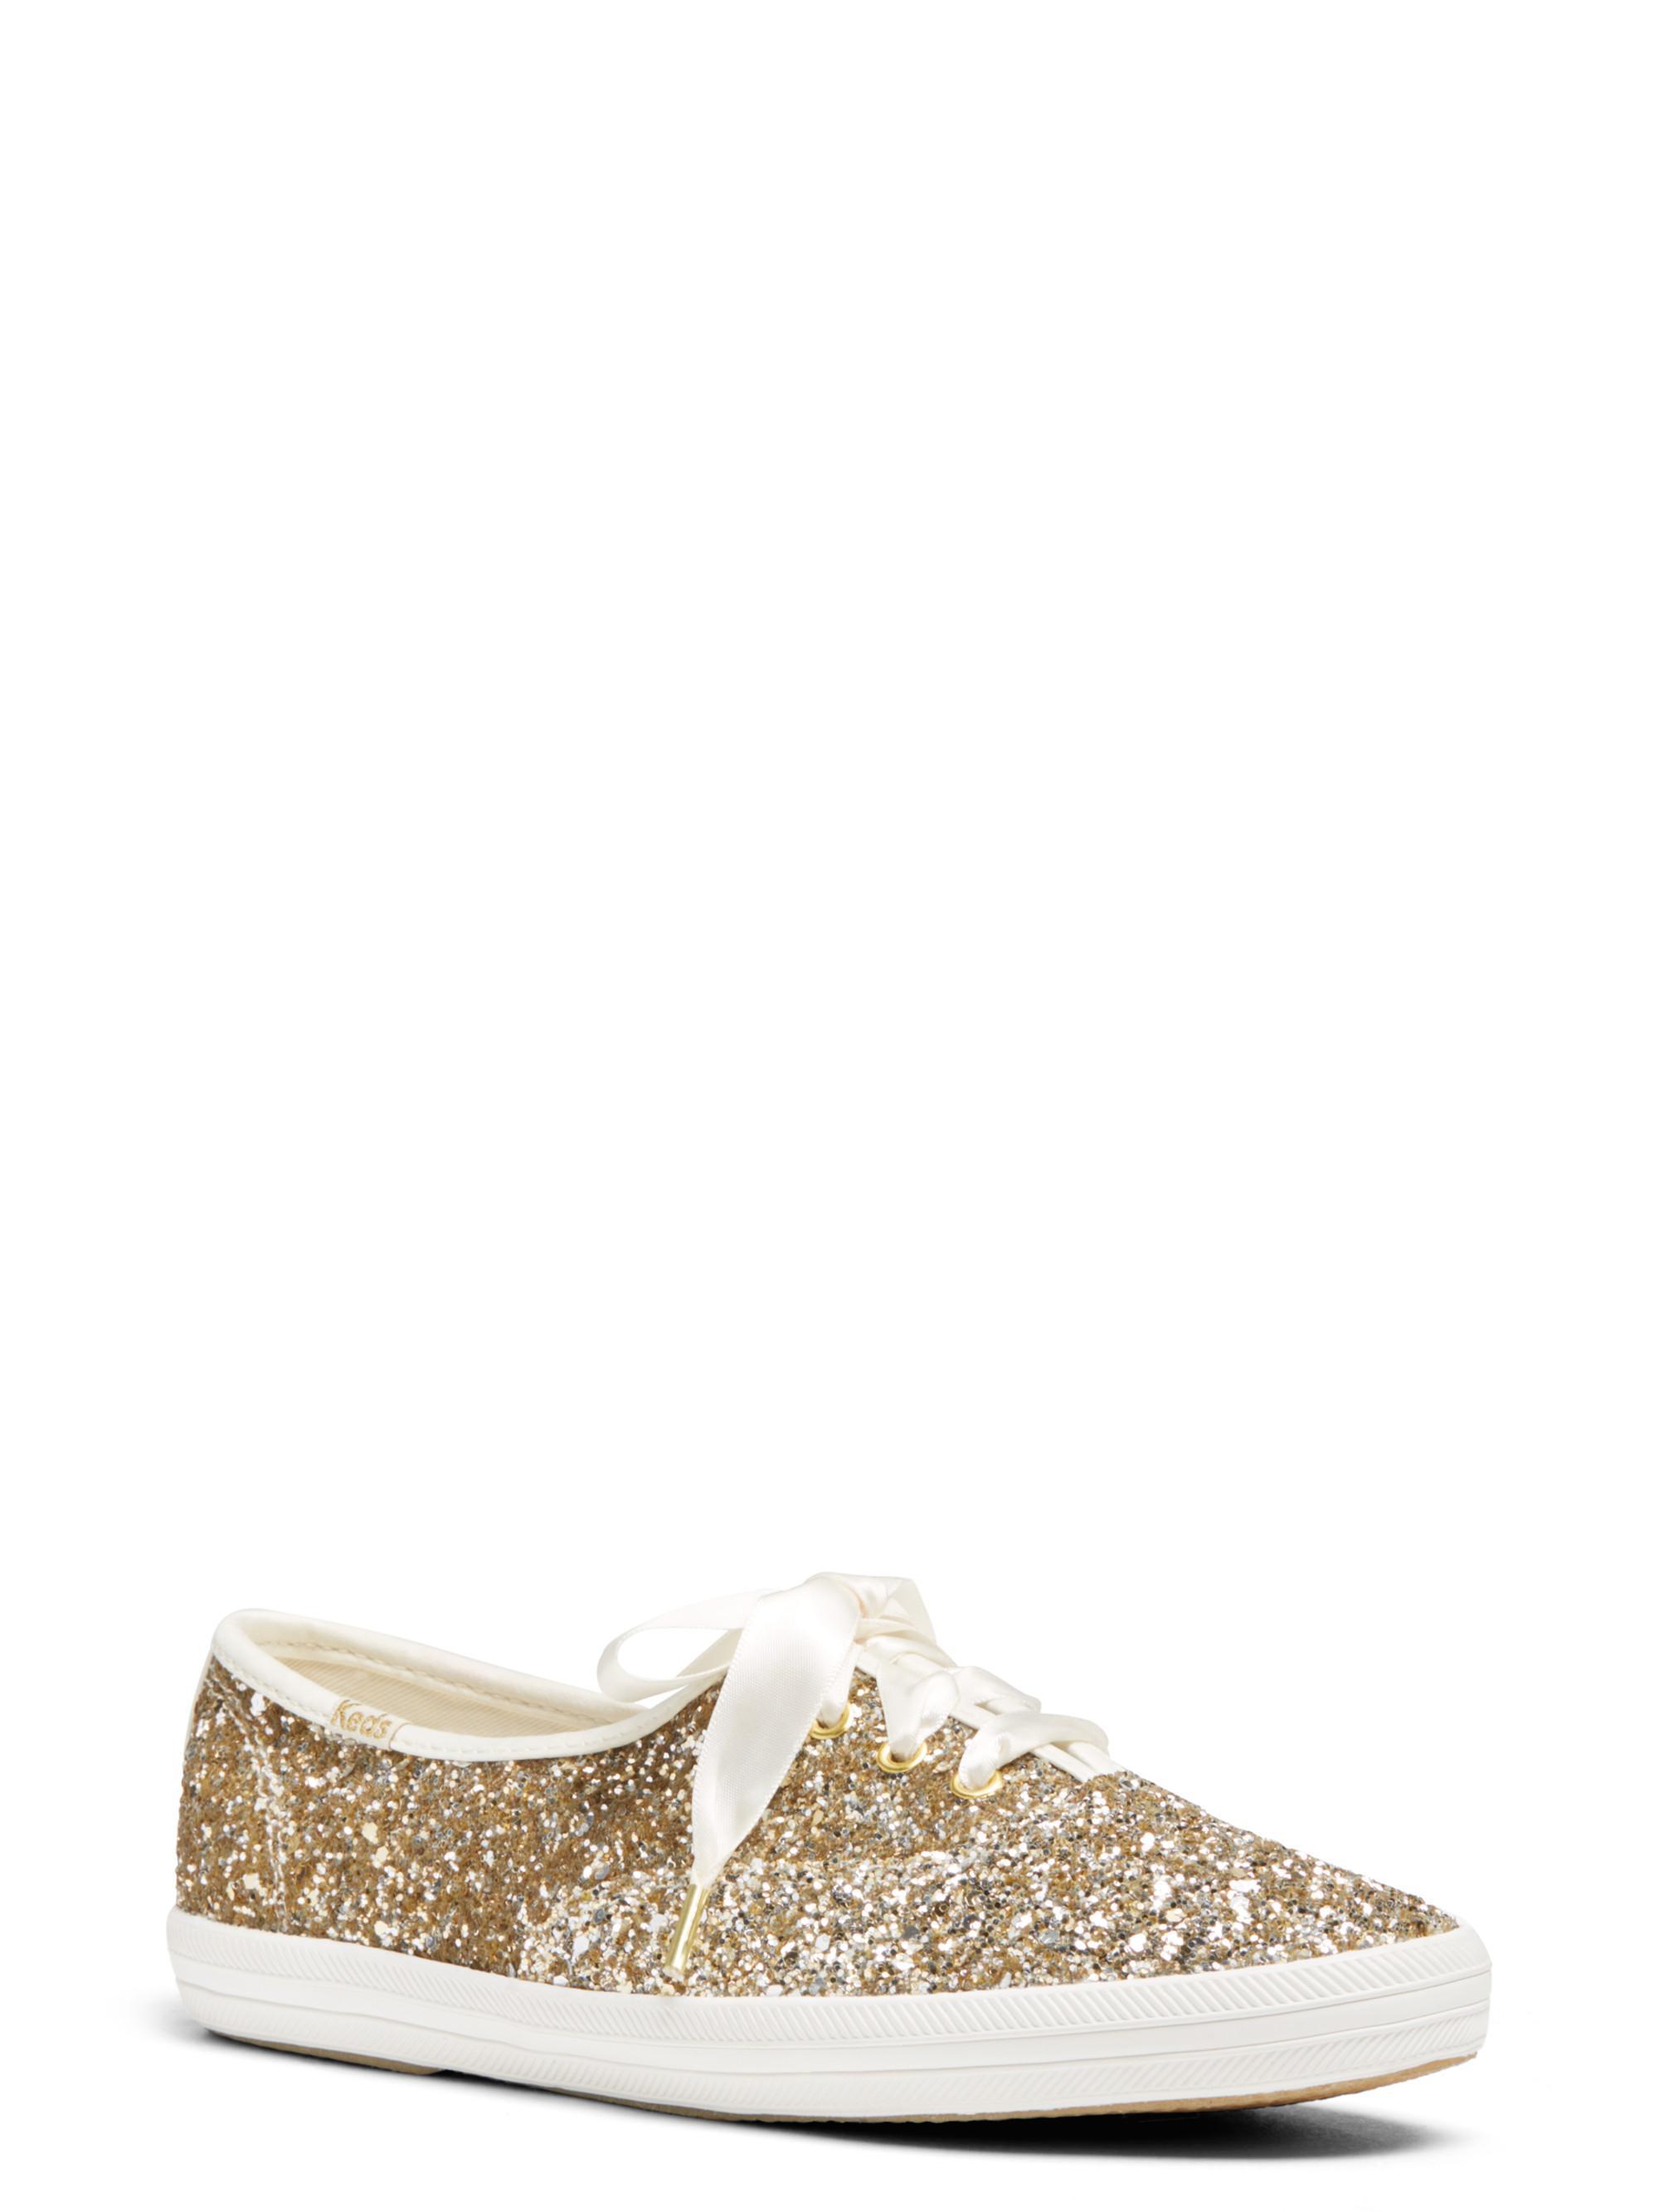 Keds Glitter Tennis Shoes